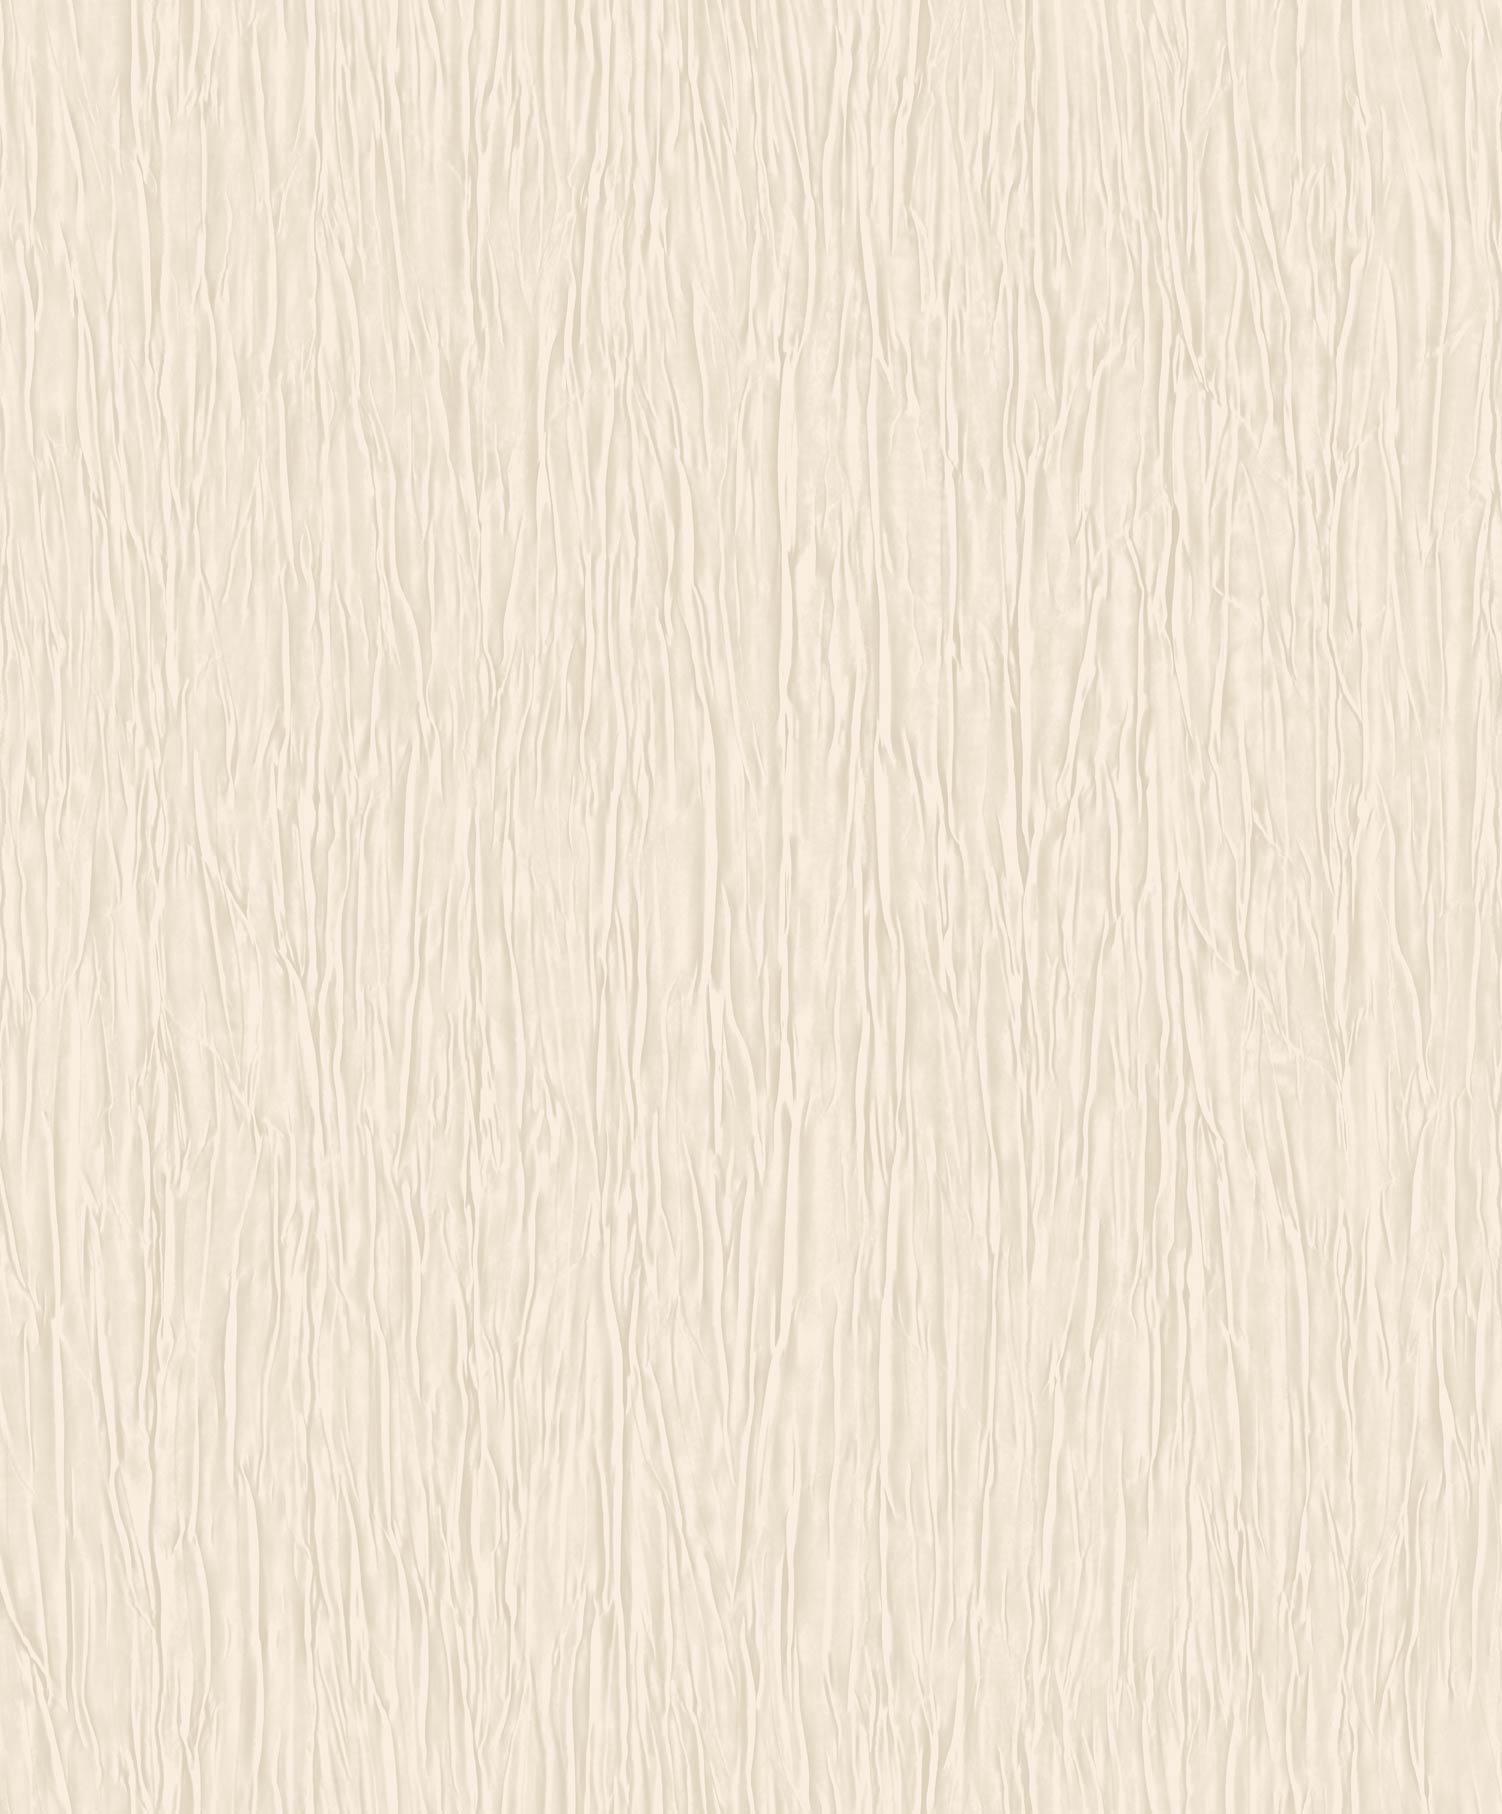 Обои Ugepa Couleurs j94118 (Угепа)